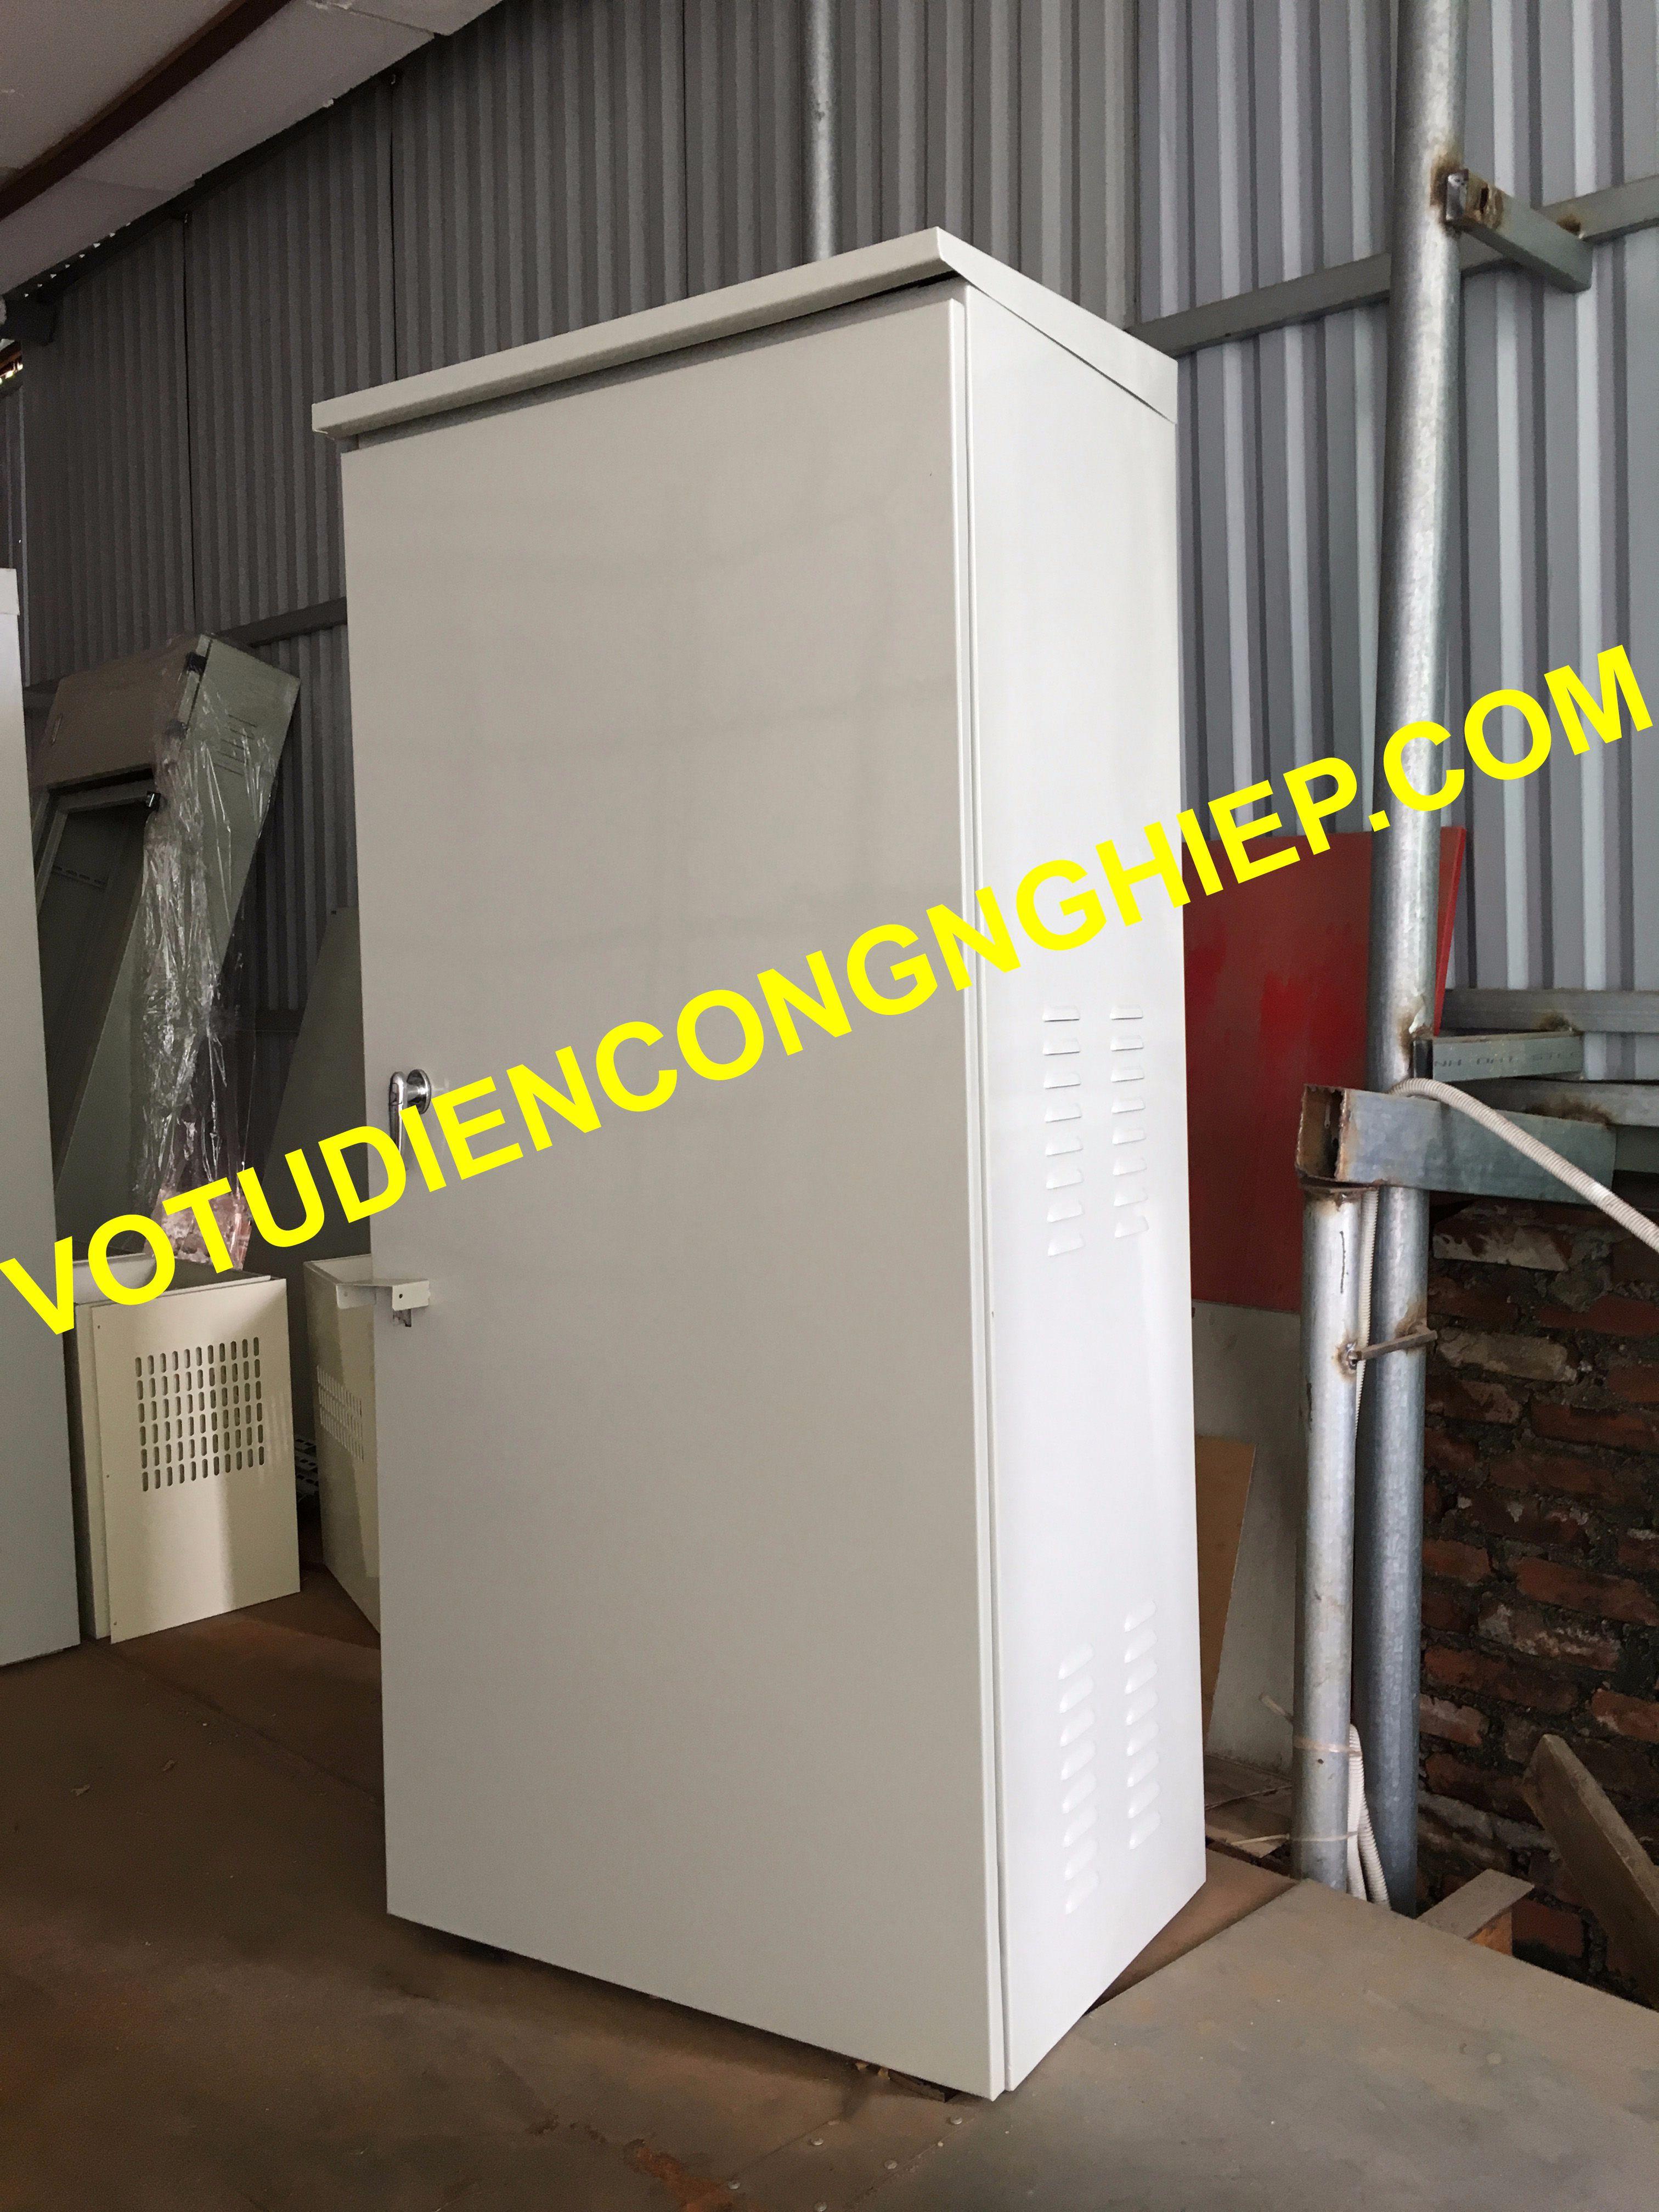 Cơ điện Delta gai công vỏ tủ điện composite chất lượng